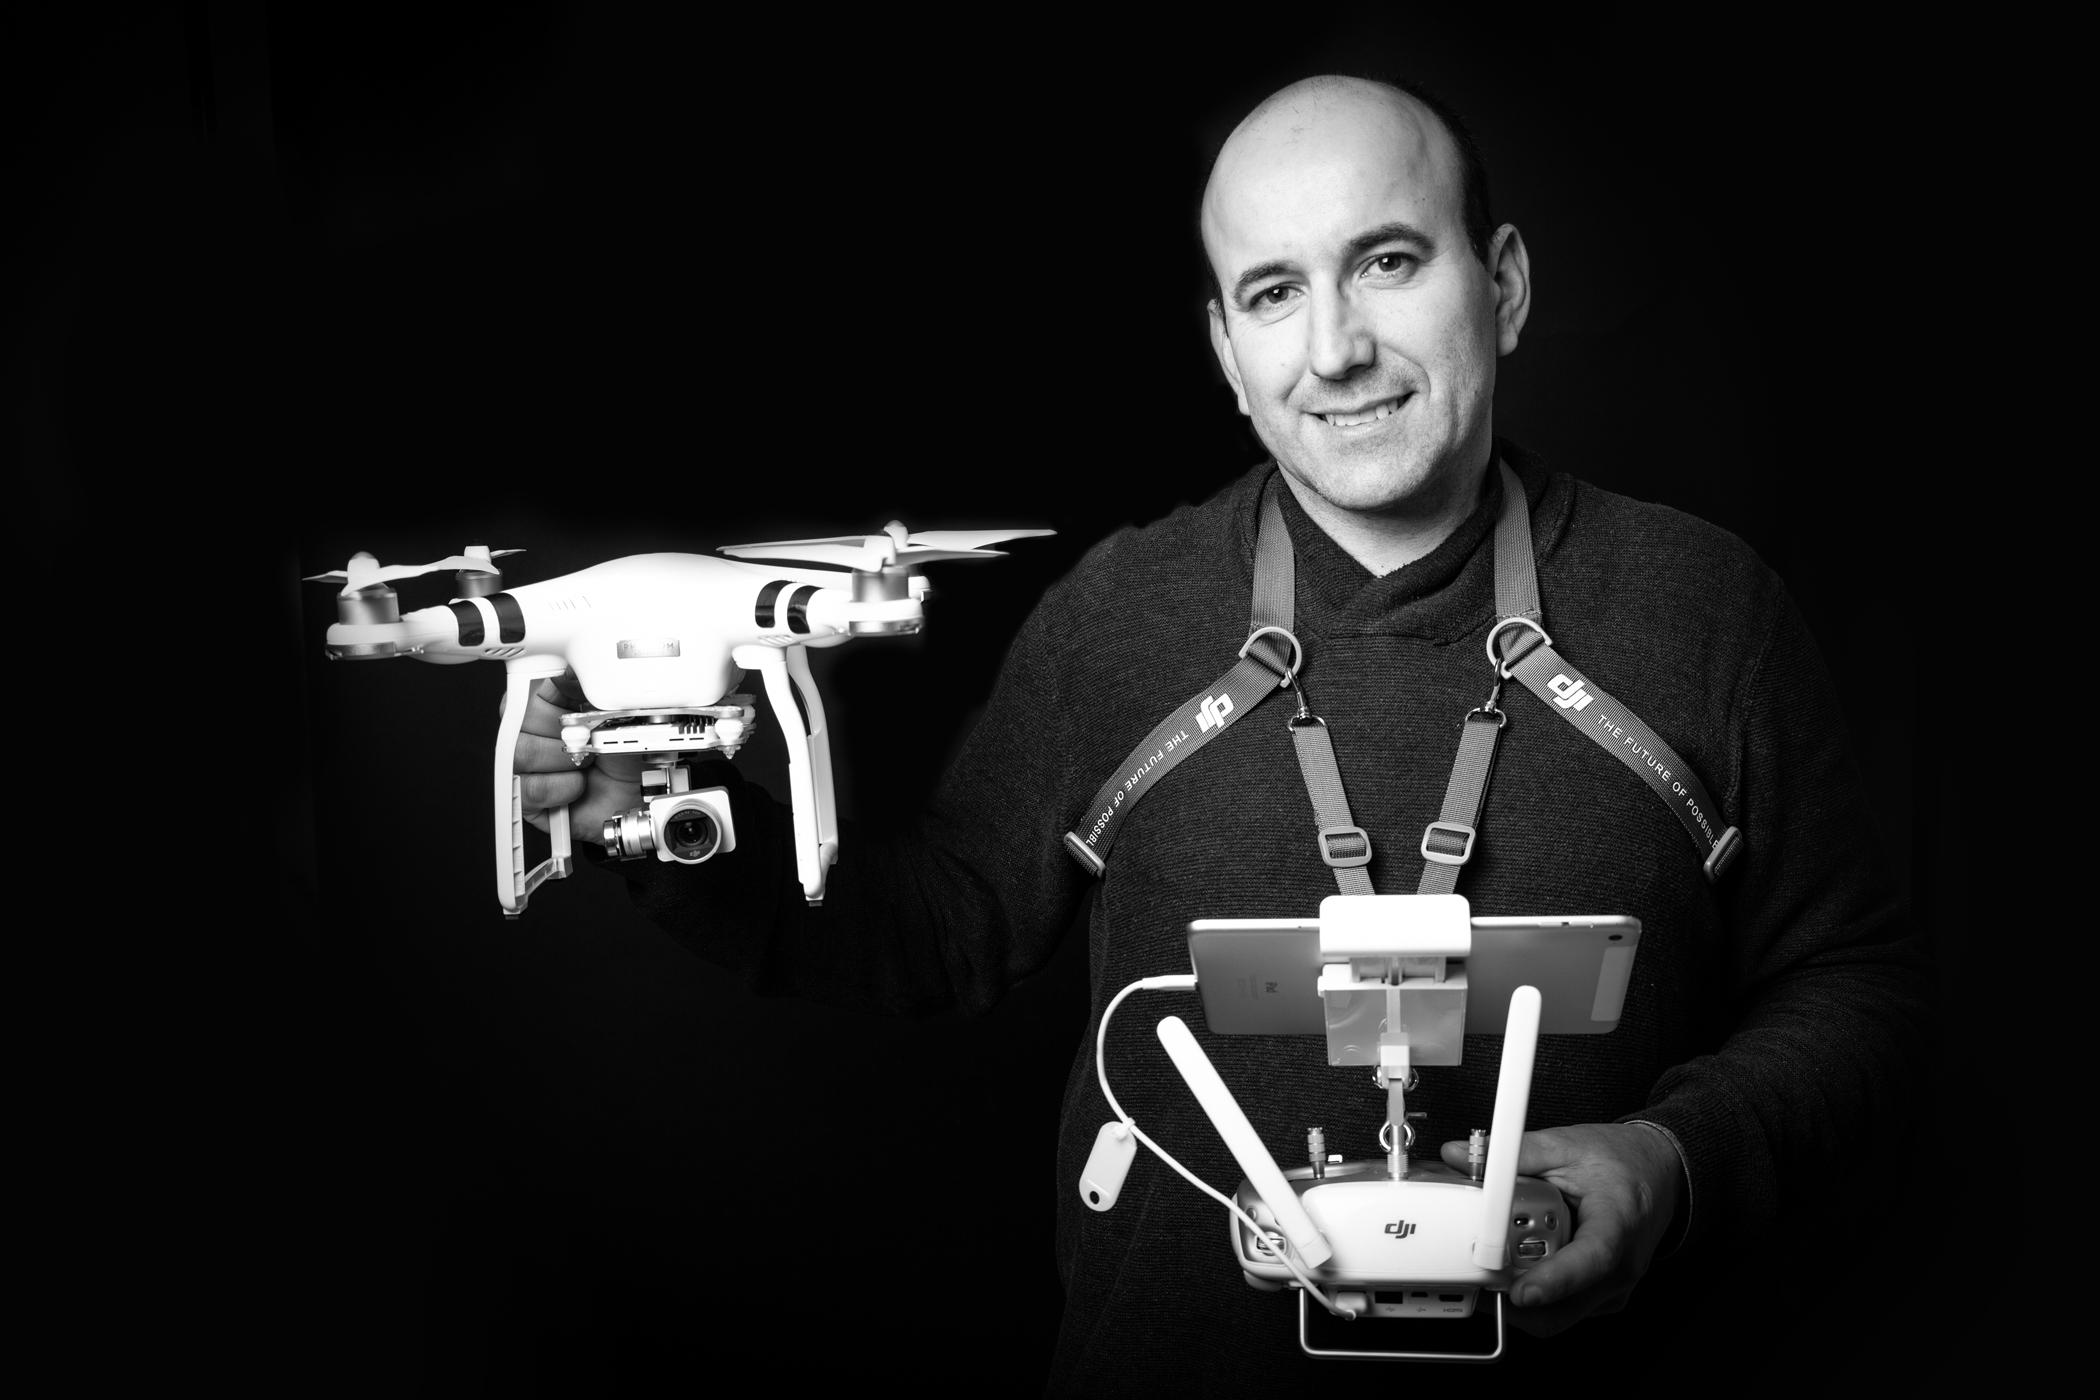 portrait de Damien Angier portant un drone